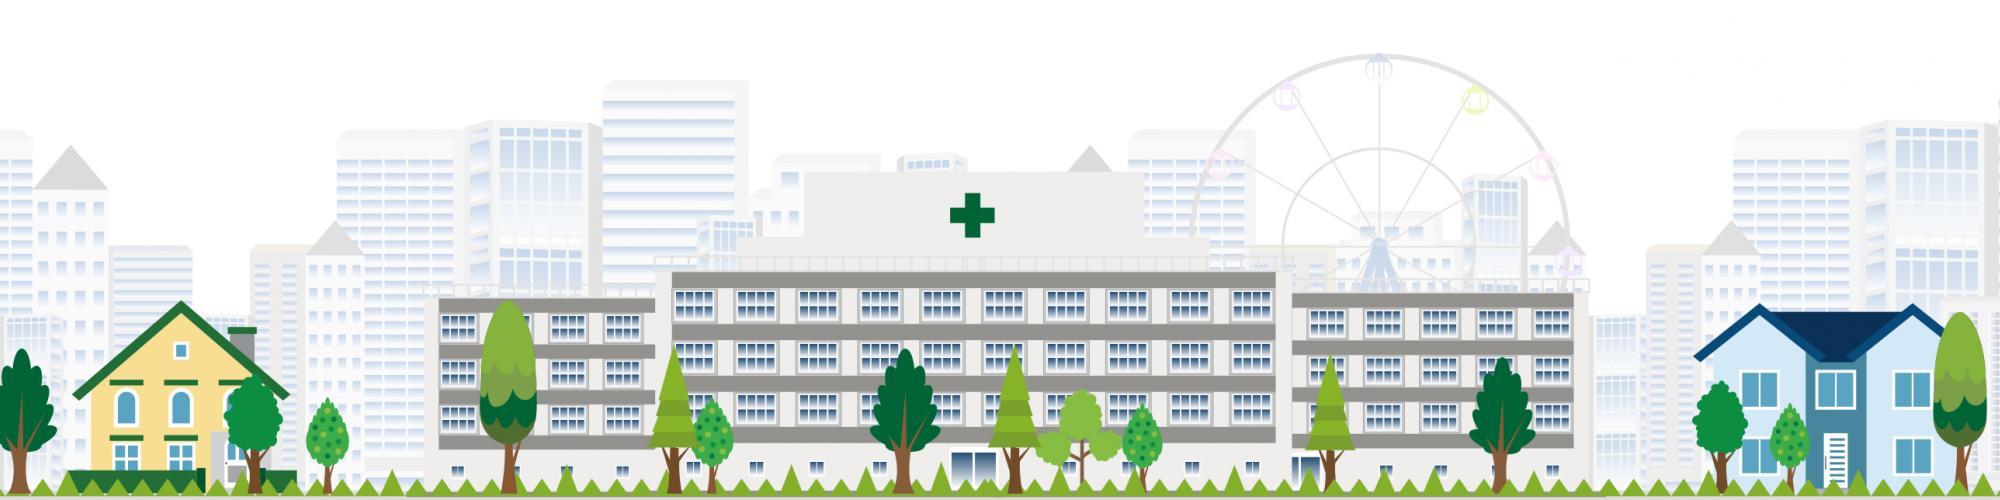 ADMEDIA Medizinisches Versorgungszentrum GmbH